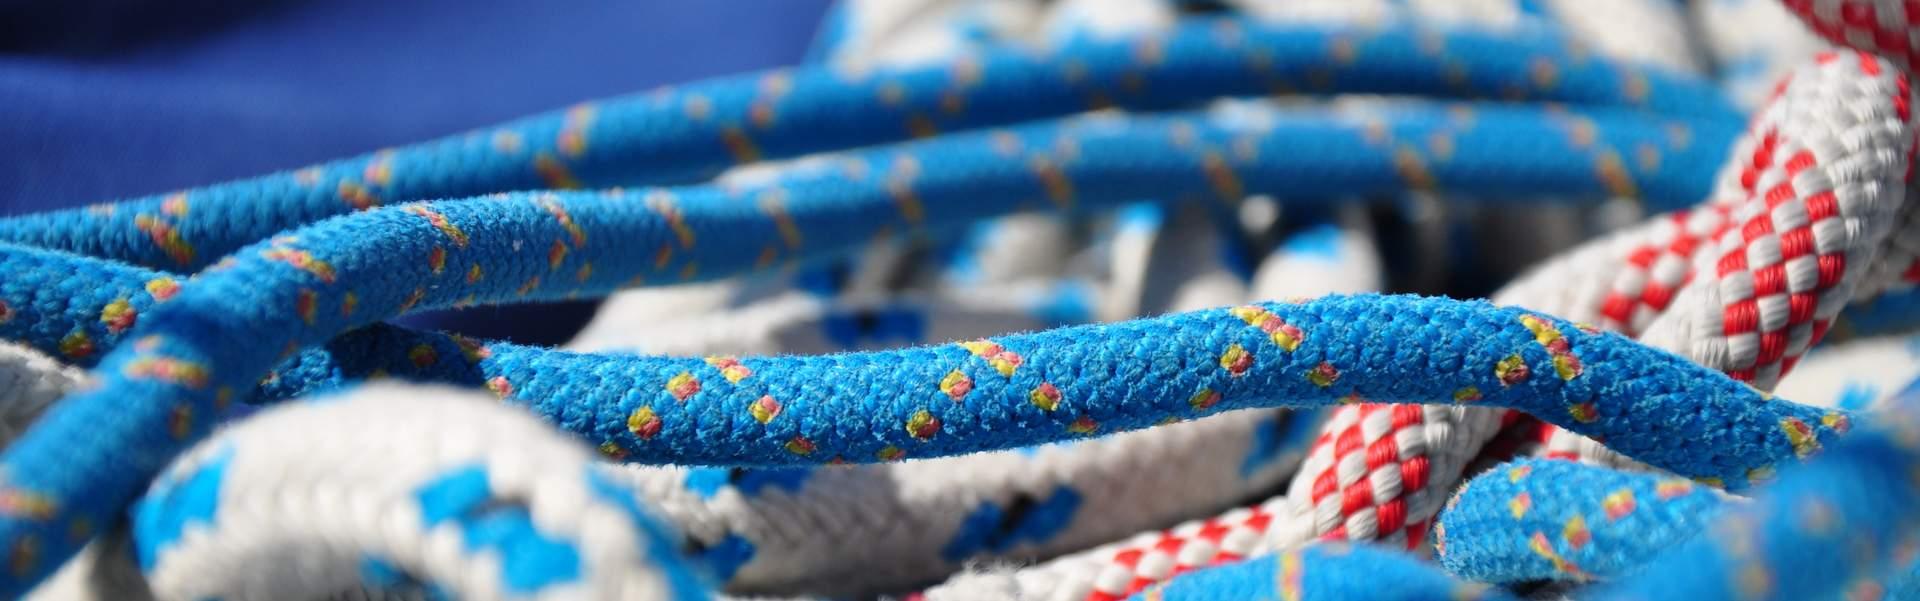 Avelaingrecia ropes - SIONA